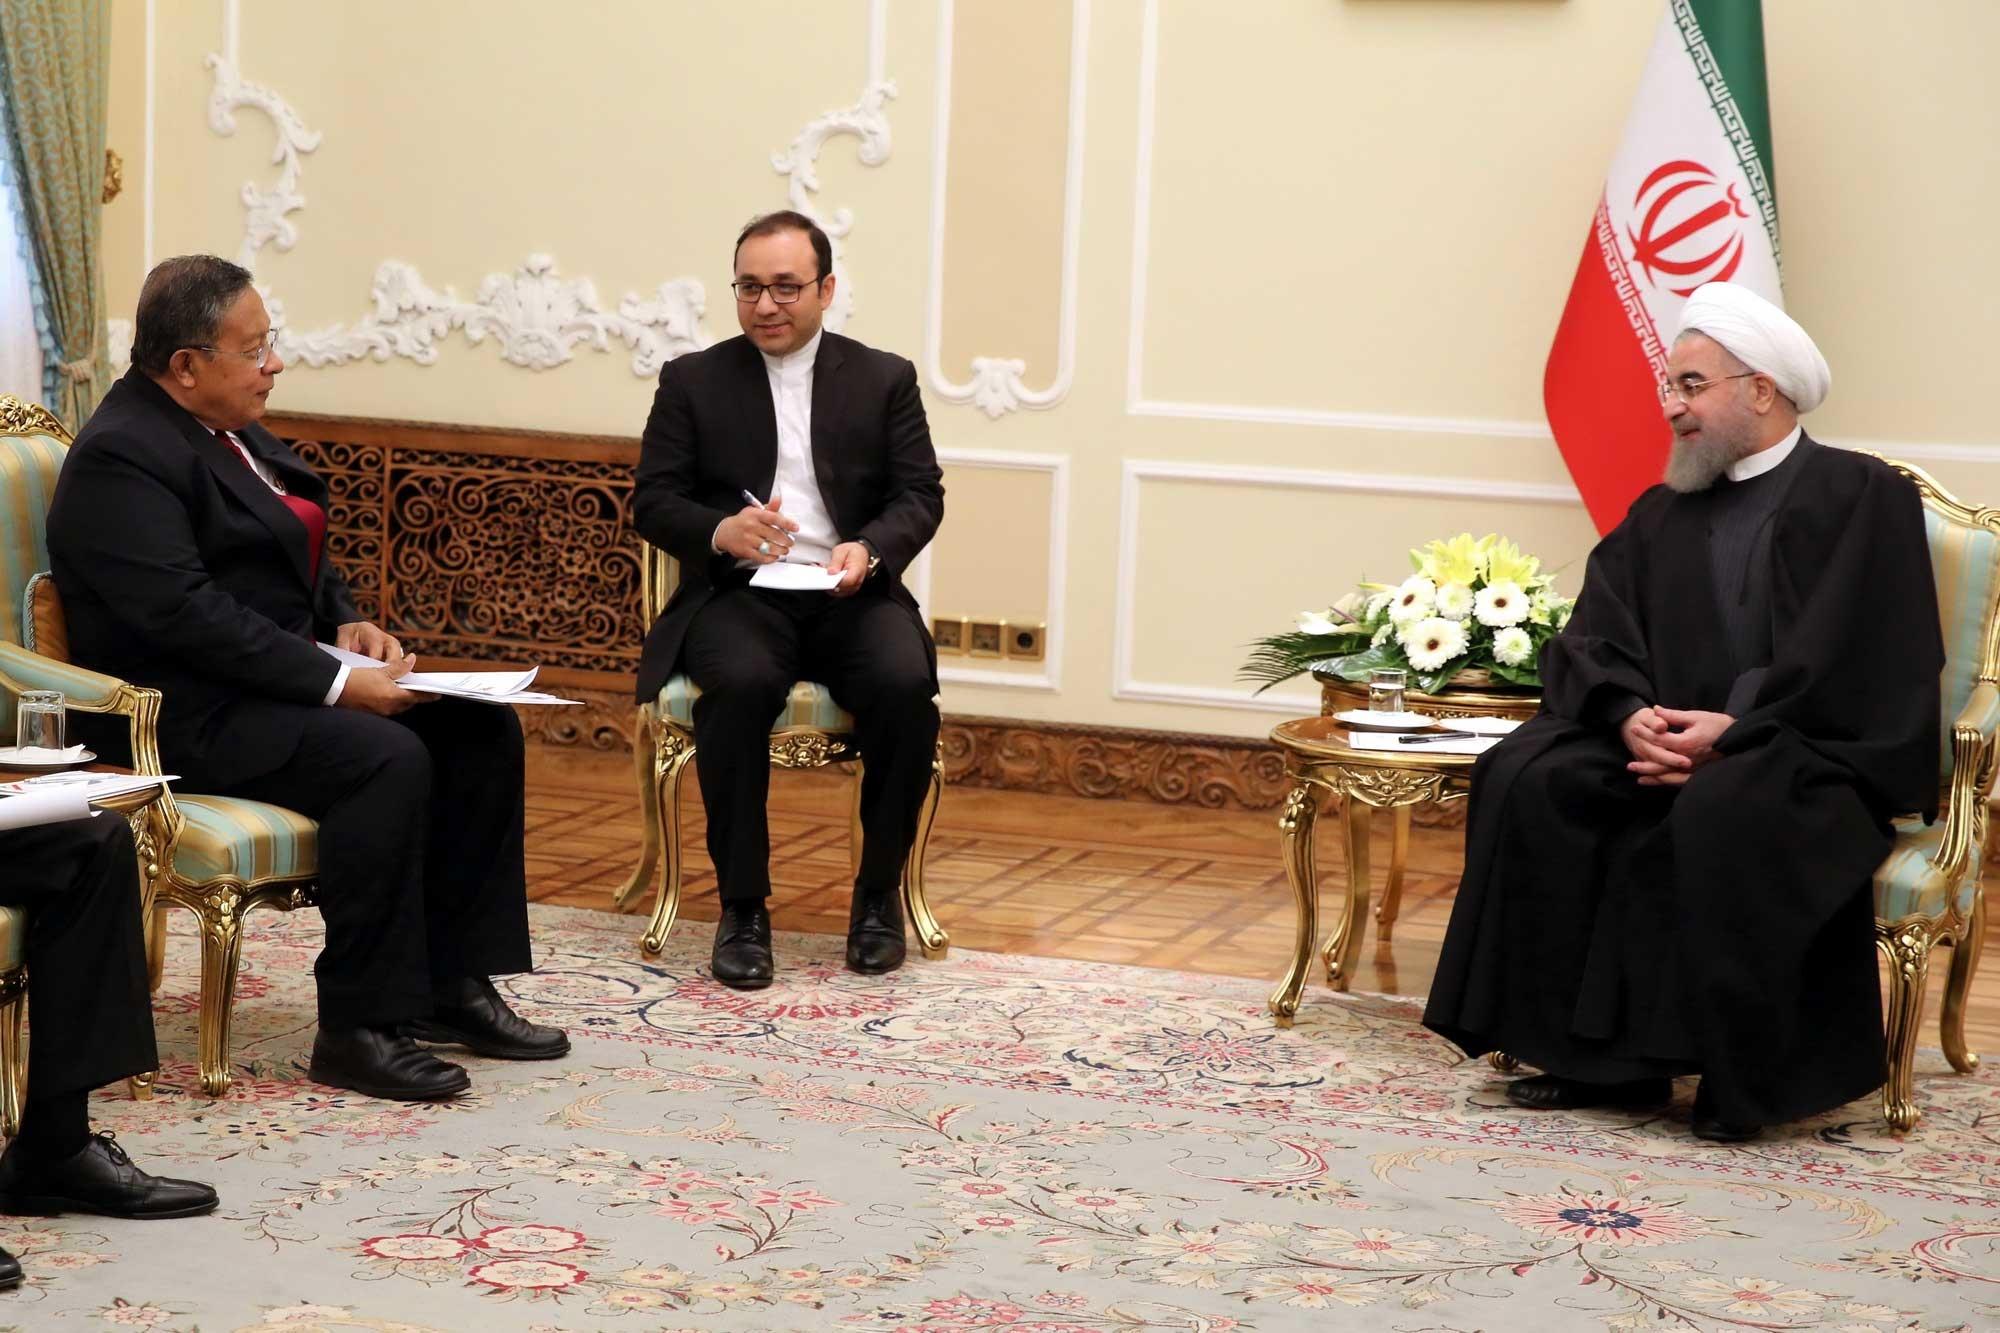 تصاویر | دیدار حسن روحانی با فرستاده ویژه رییسجمهور اندونزی